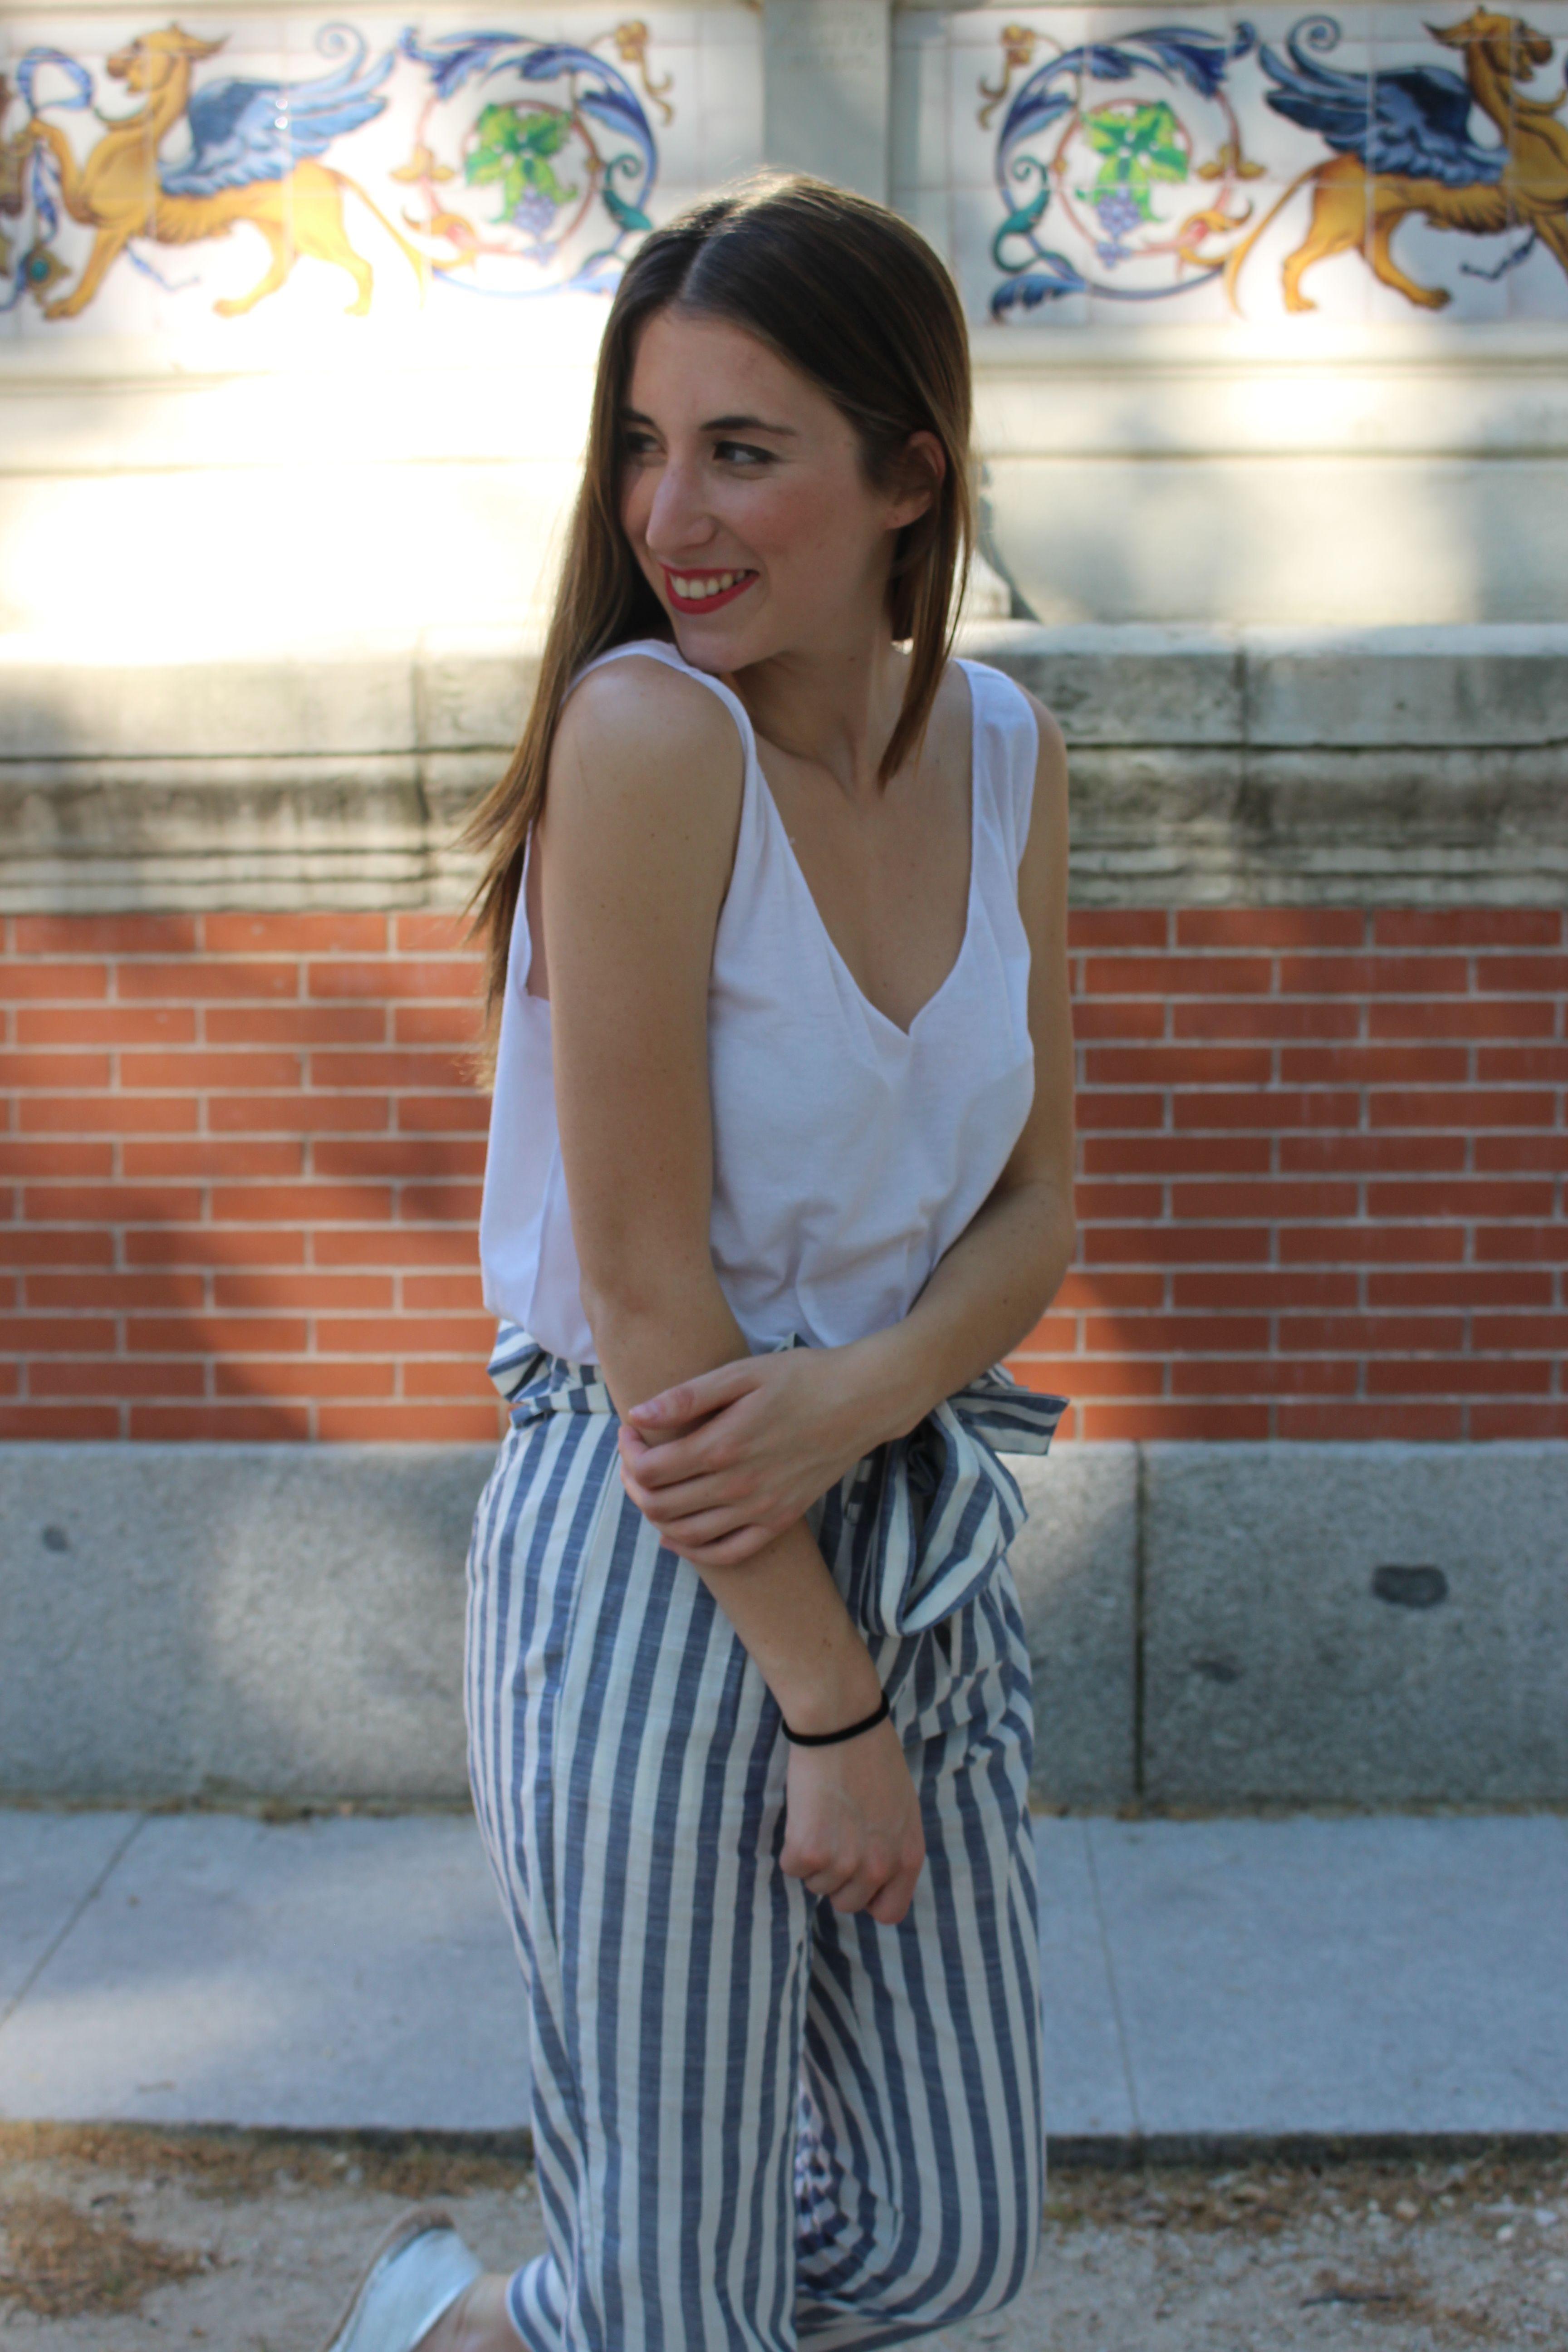 0ee37a92c Pantalón de rayas verticales en blanco y azul de Zara a conjunto con top de  manga tirantes en blanco liso.